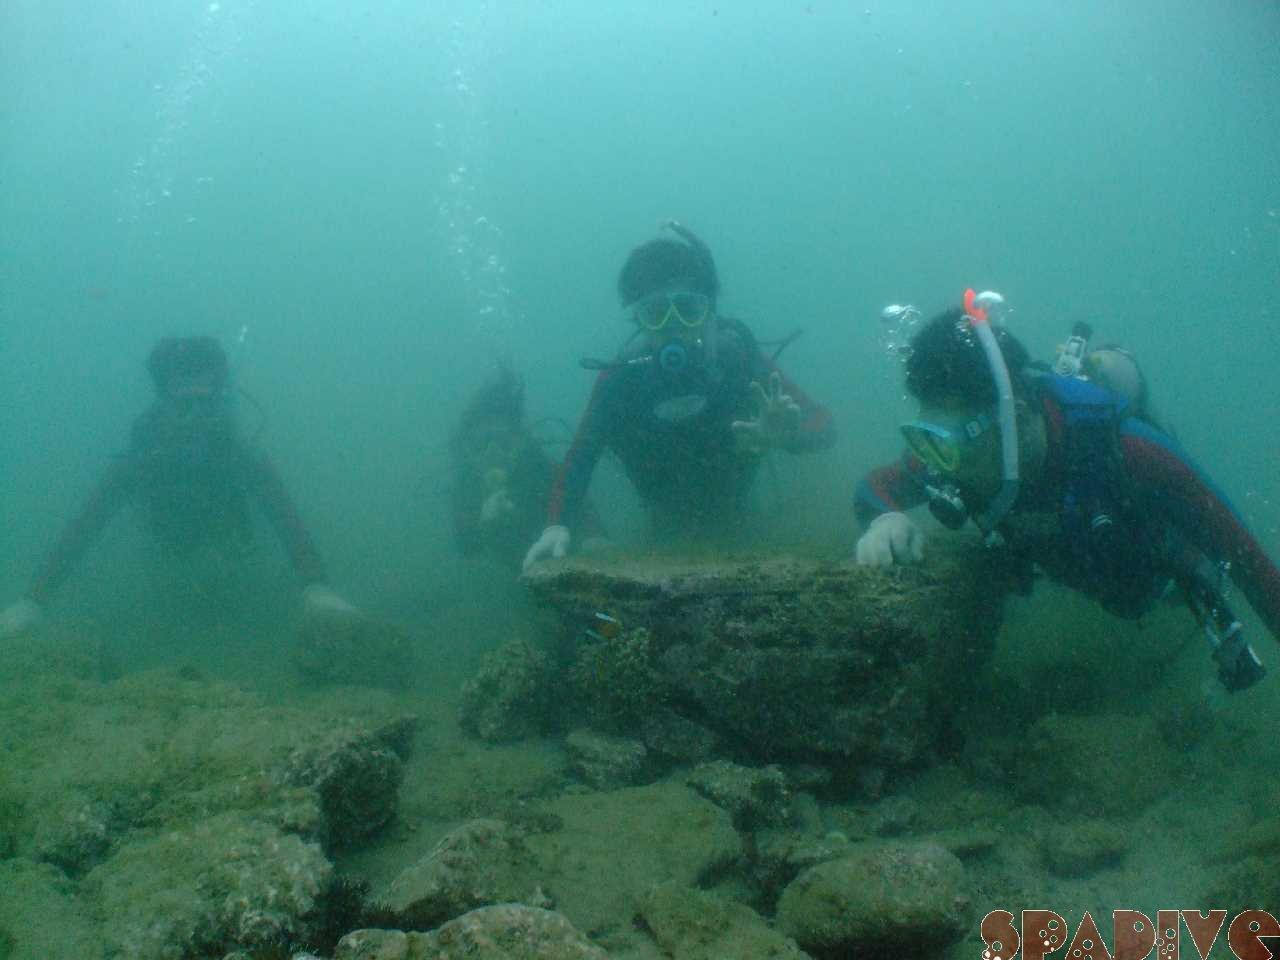 体験ダイビング&OWDライセンス取得コース|8/09/2009白浜